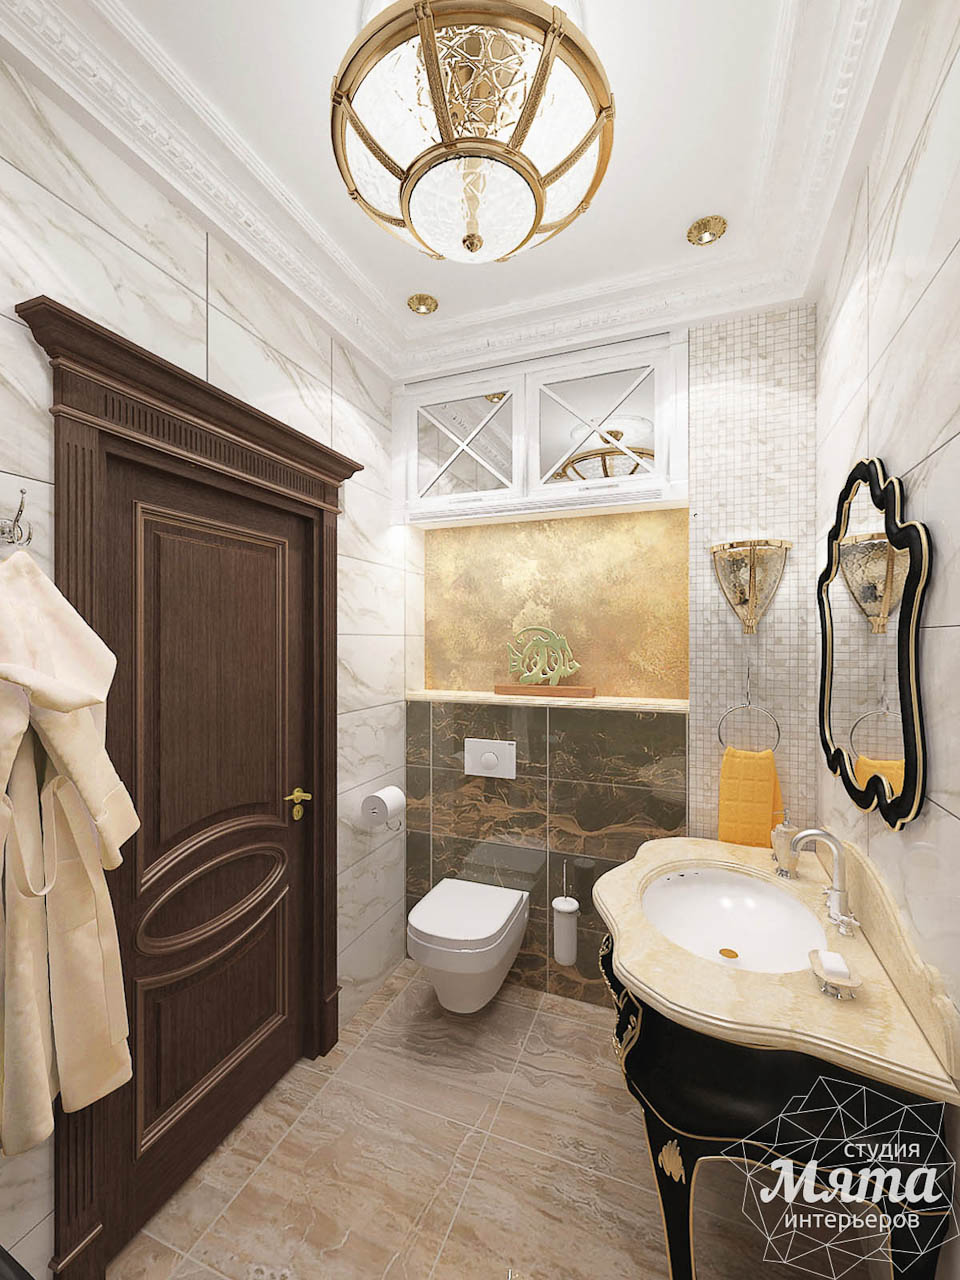 Дизайн интерьера двухкомнатной квартиры по ул. Мельникова 38 img1085743206